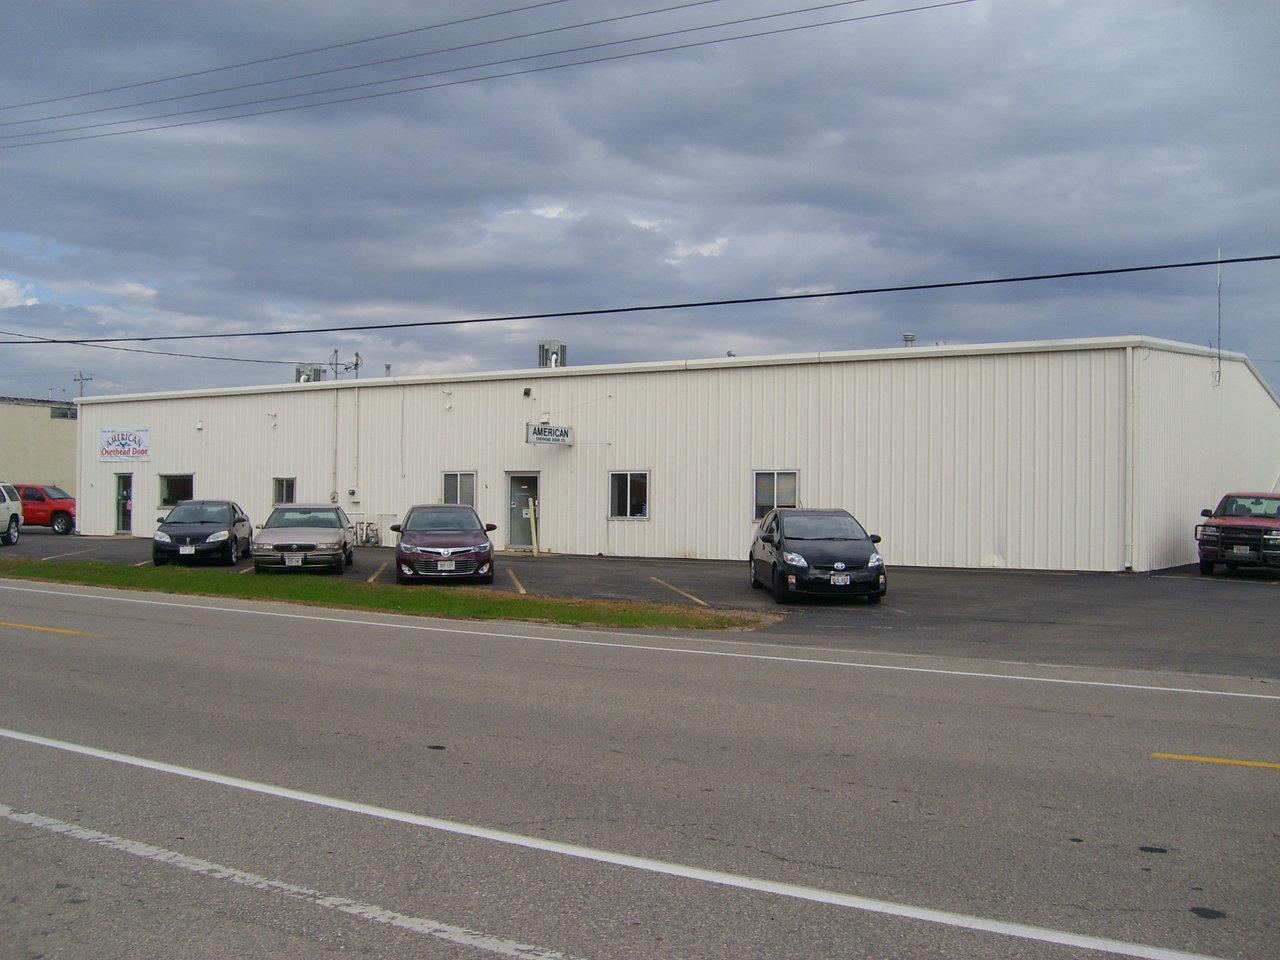 1080 N Perkins St, Appleton, WI, 54914